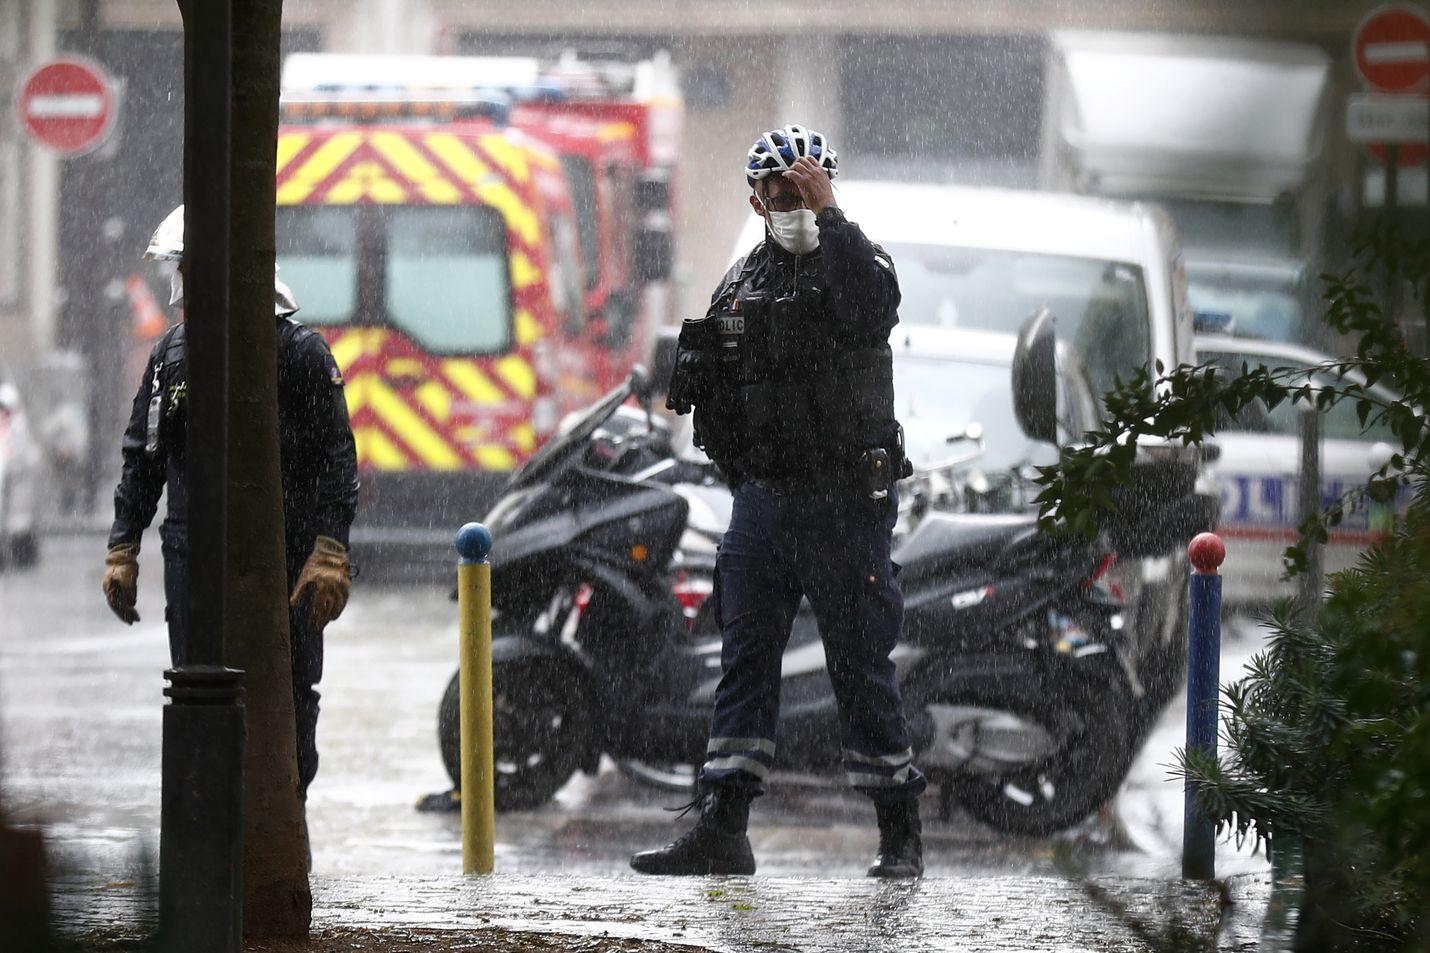 Satiirilehti Charlie Hebdon toimituksen lähistöllä sattunut puukkoisku käynnisti mittavan poliisioperaation Pariisissa.